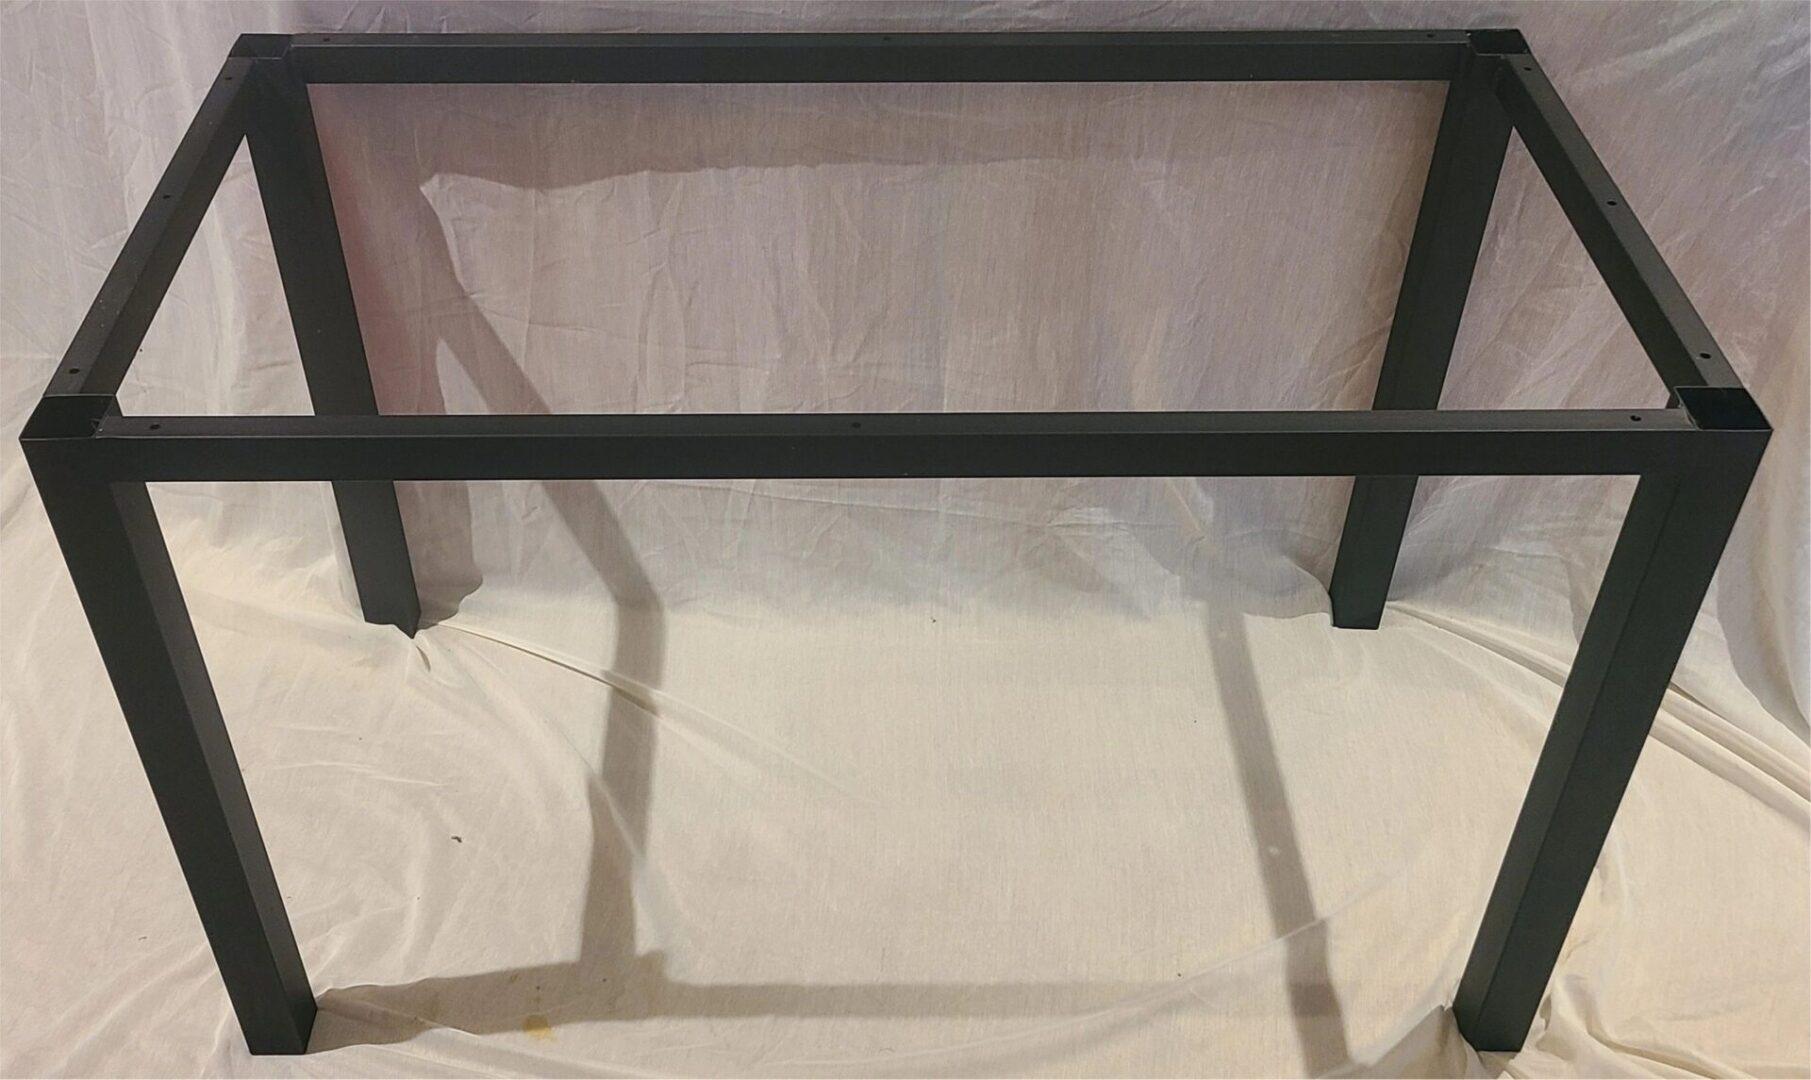 Standard full frame satin black